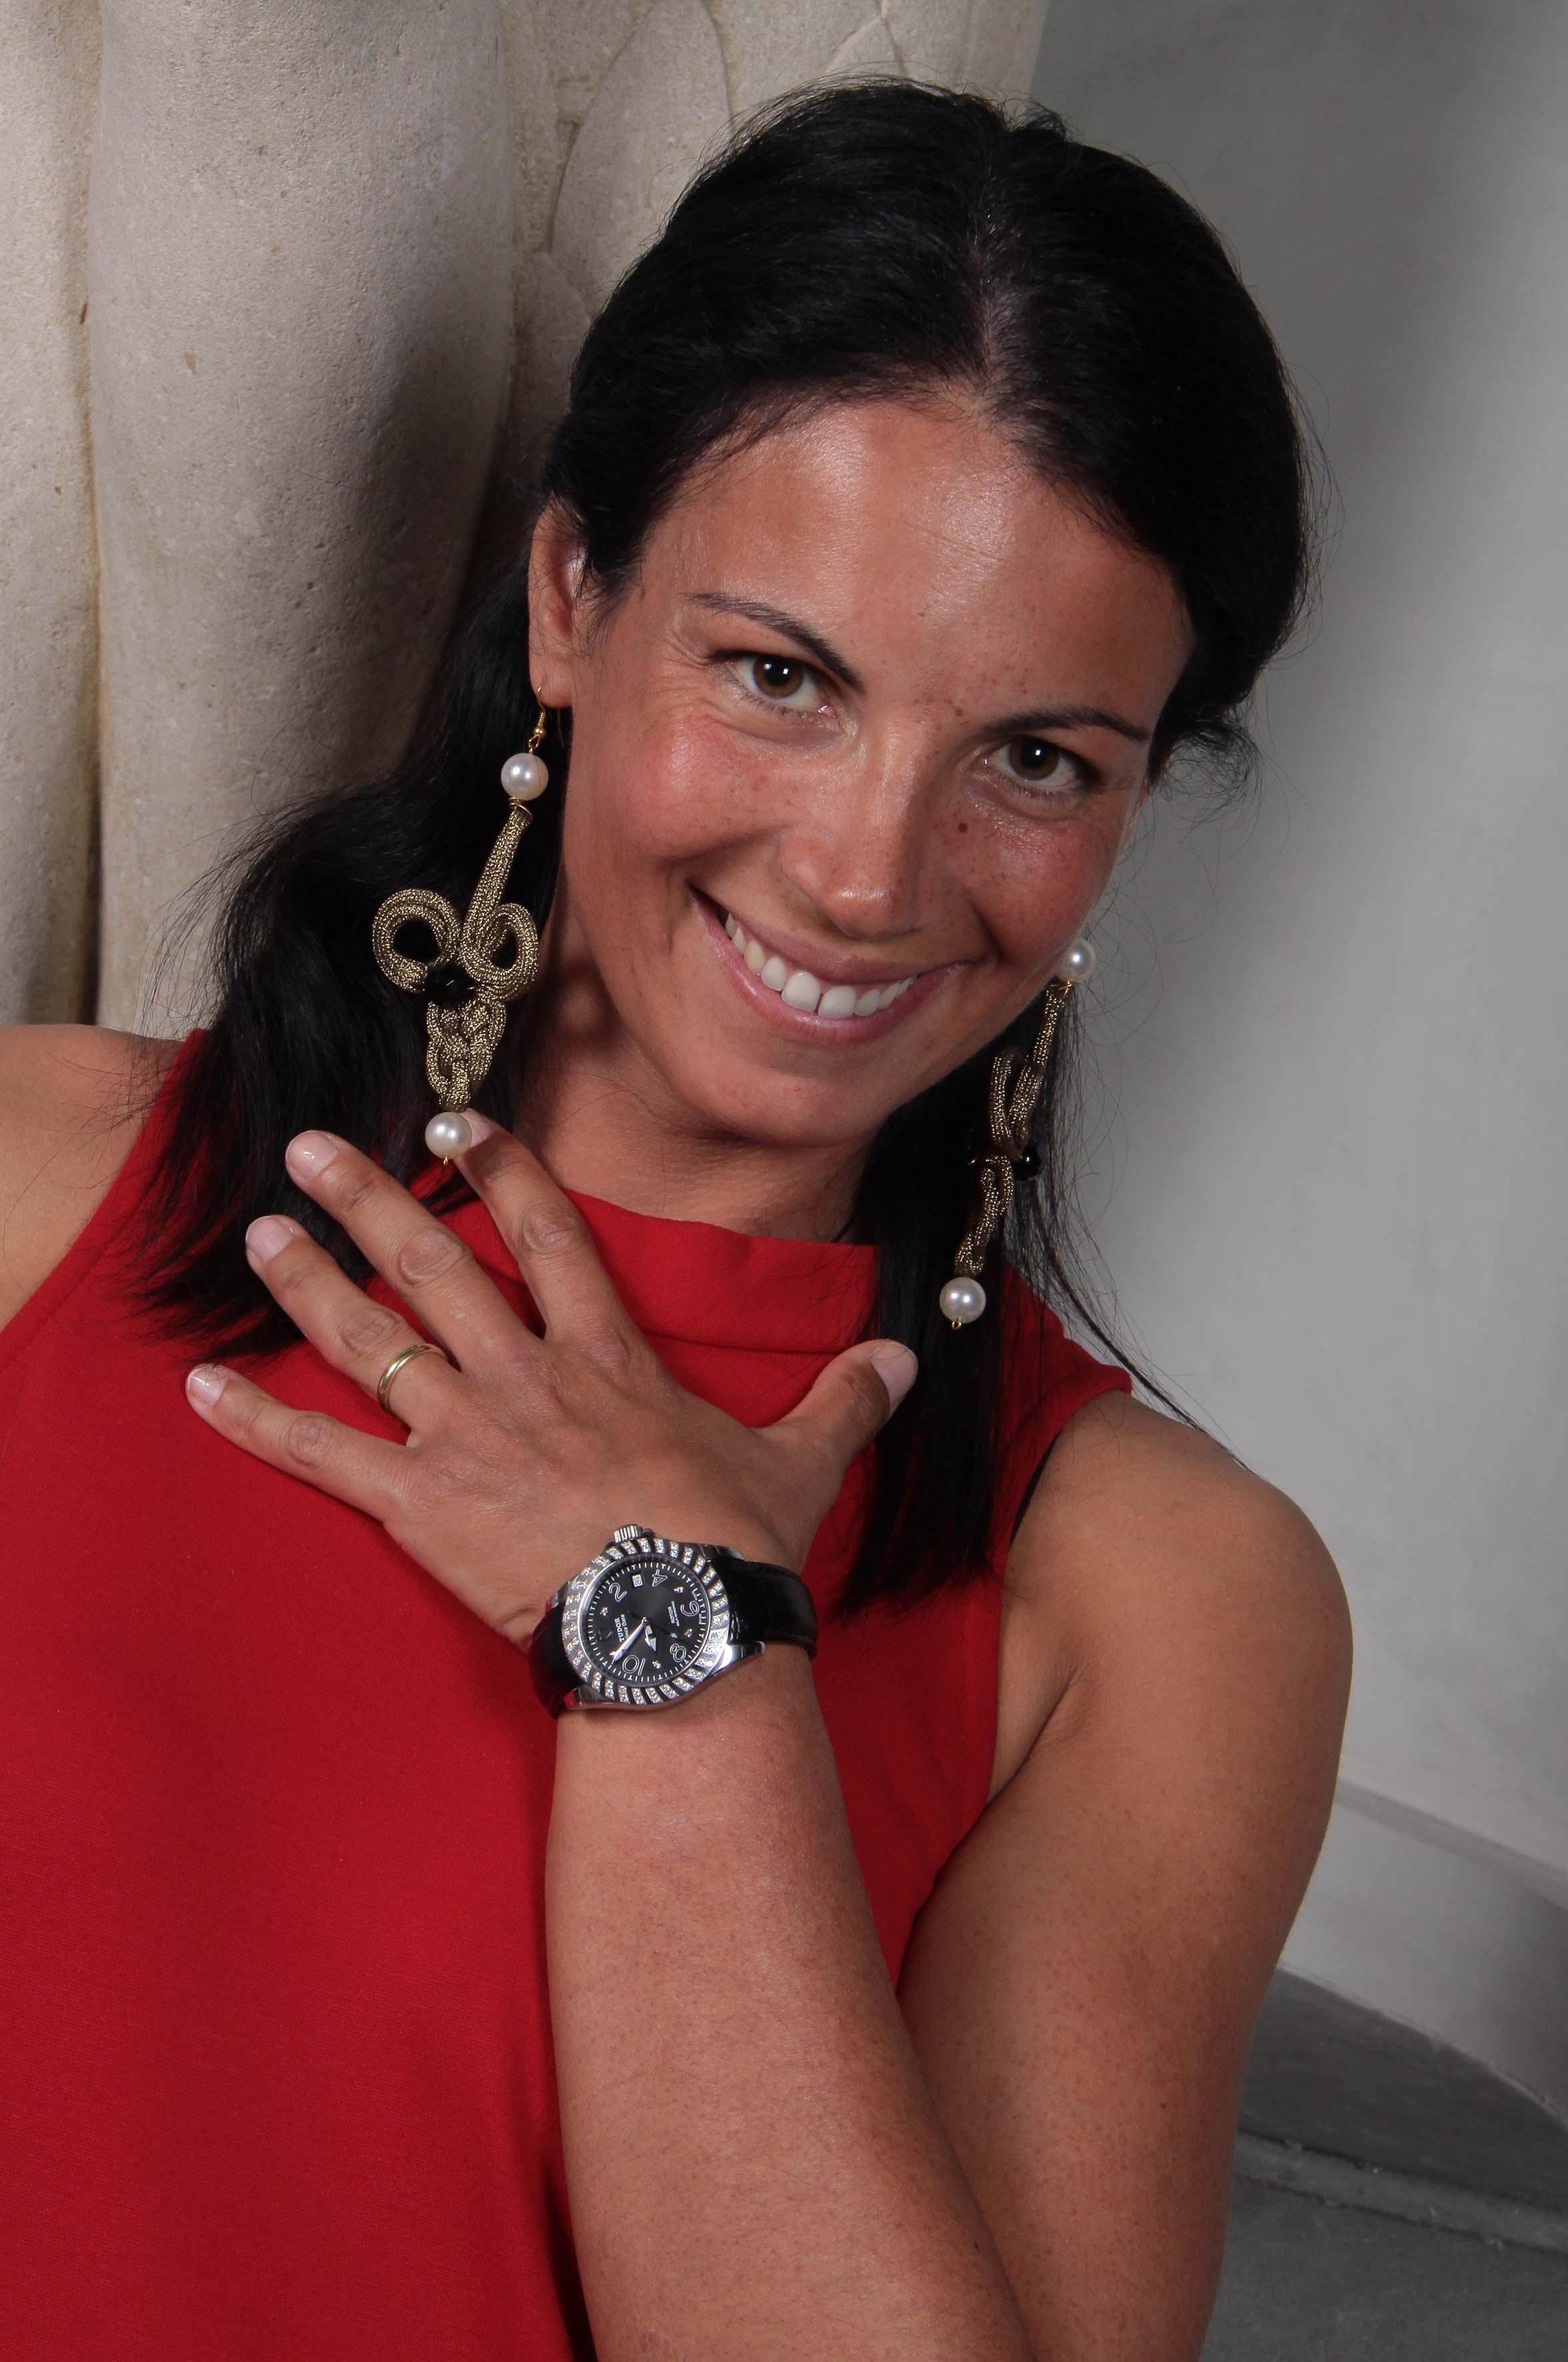 pressphoto-Firenze Serata per la presentazione della Rivista Firenze Made In Tuscany  son Tudor   Bianca Coda